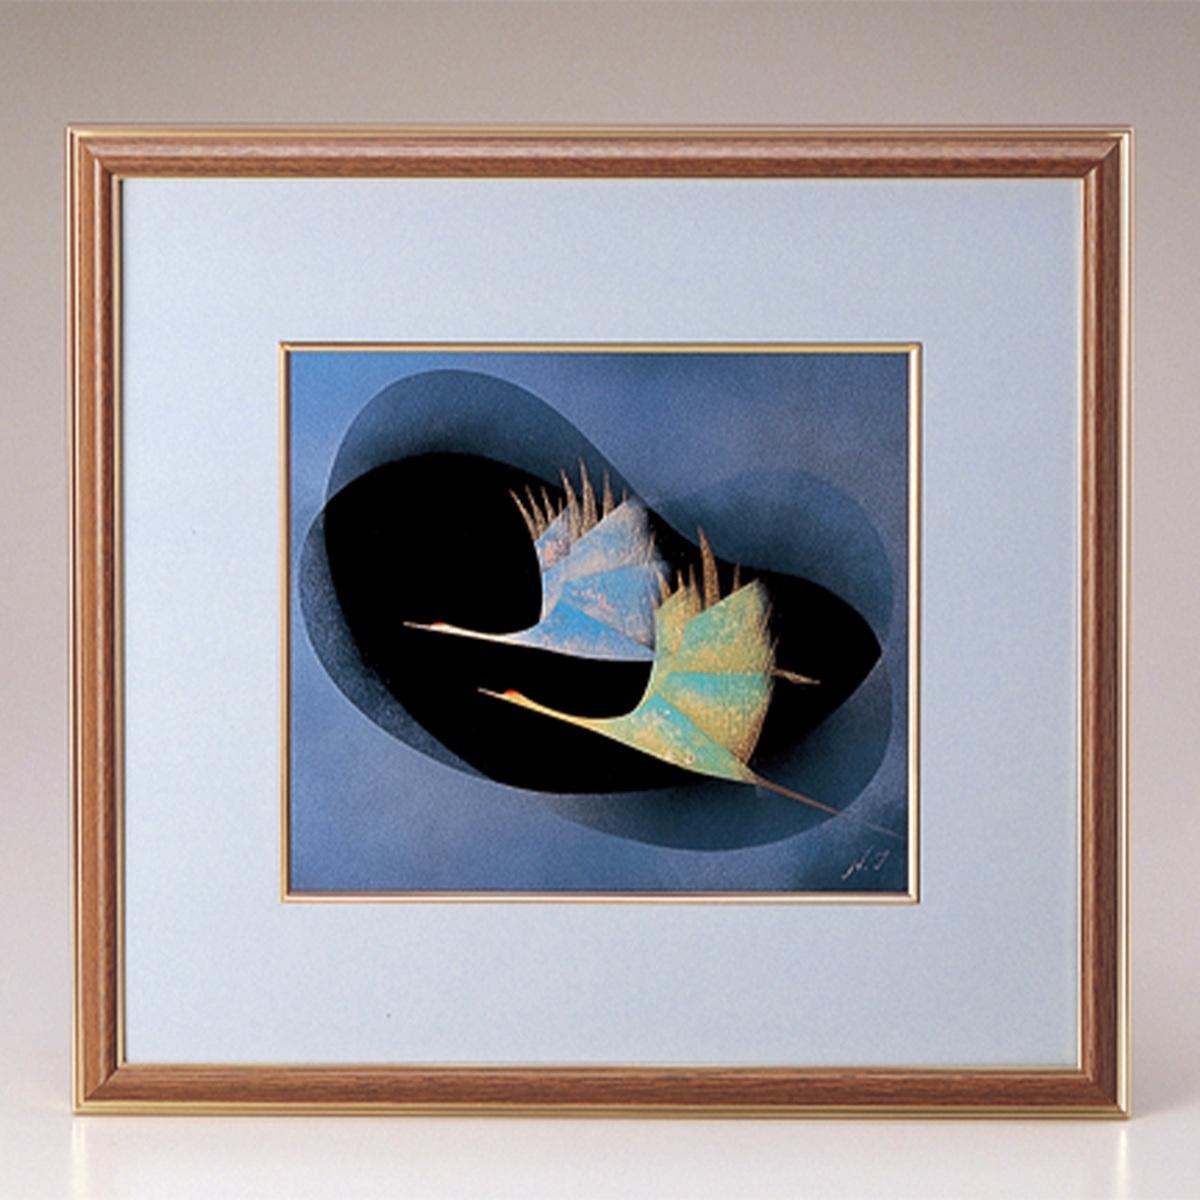 【ポイント 3倍中!更にクーポン】二羽鶴 パネル宮内庁御用達 パネル 日本製 来客 艶 上品 記念品 漆器 高級 おすすめ おもてなし ギフト 海外 ノベルティ インテリア 壁掛け 置物 法人ギフト 設立記念